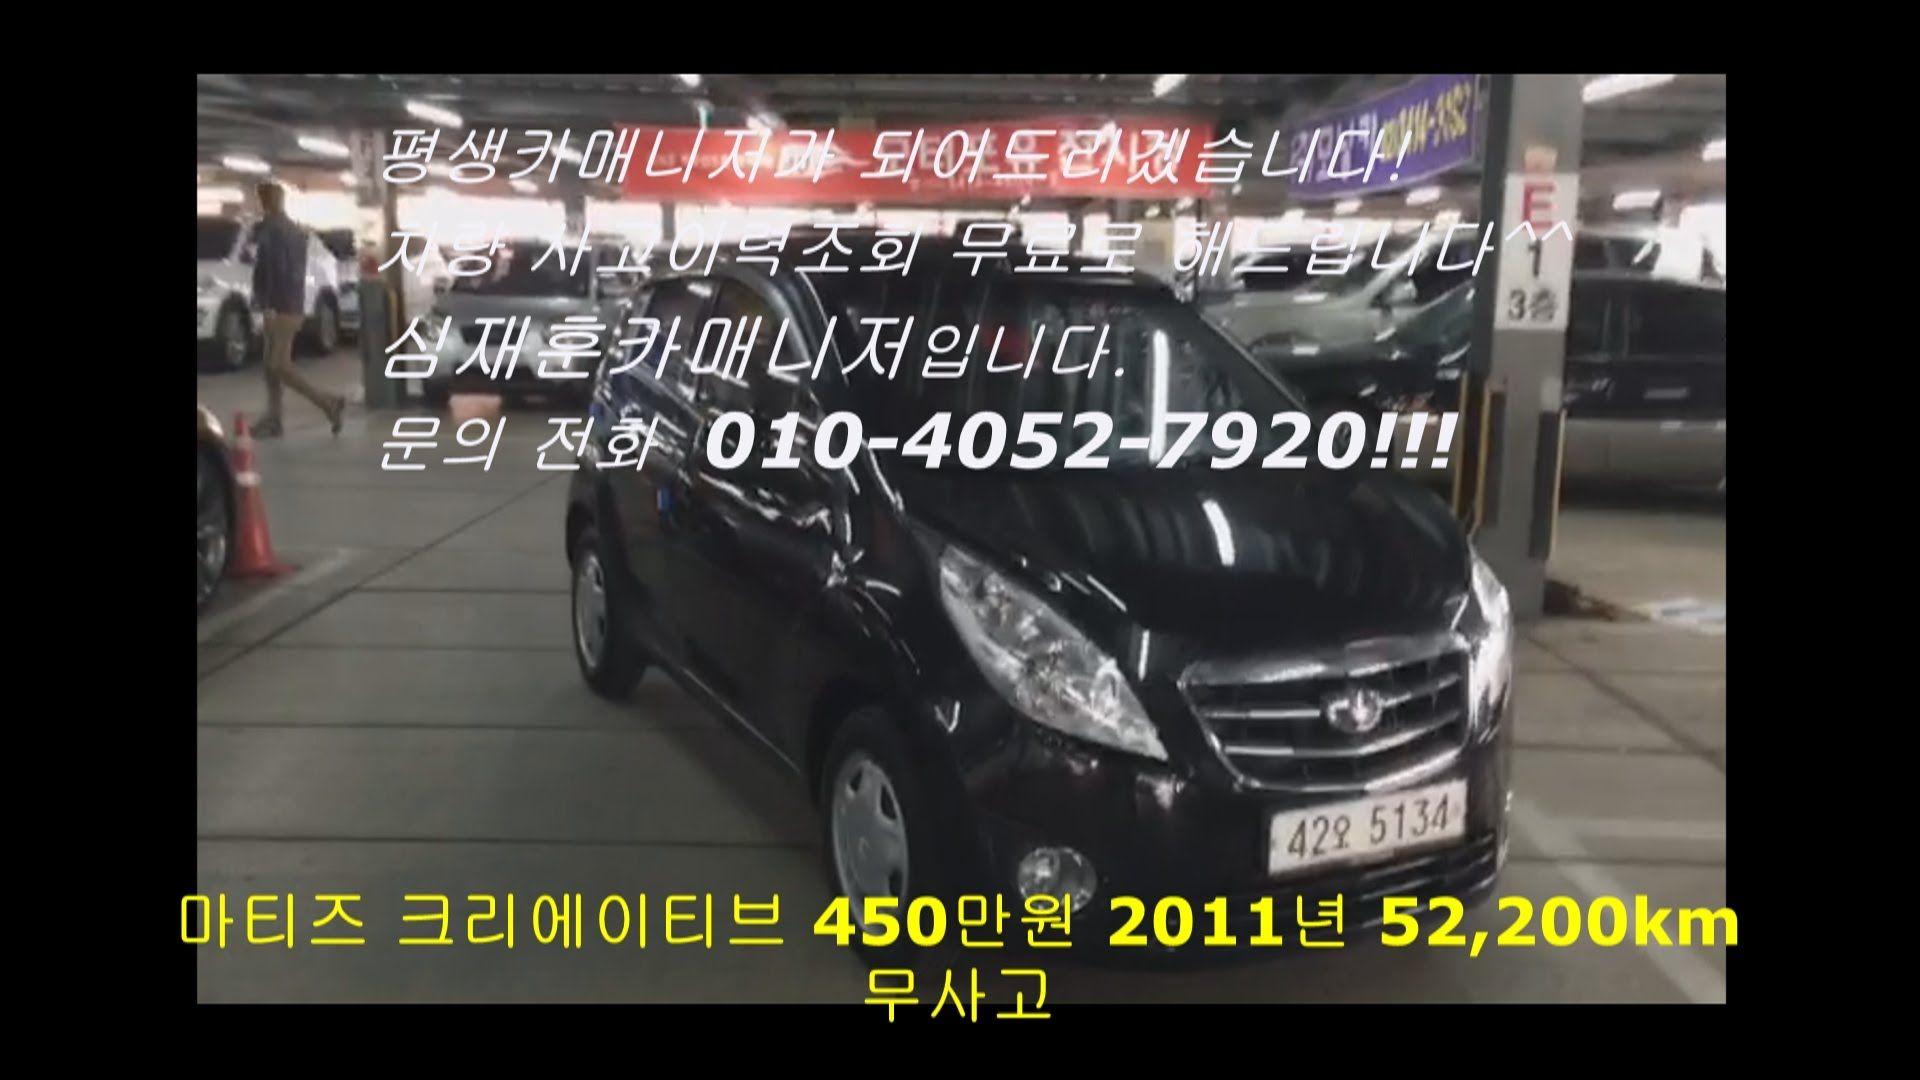 중고차 구매 시승 마티즈 크리에이티브 450만원 2011년 52,200km(강남매매시장:중고차시세/취등록세/할부/리스 등 친절 상...